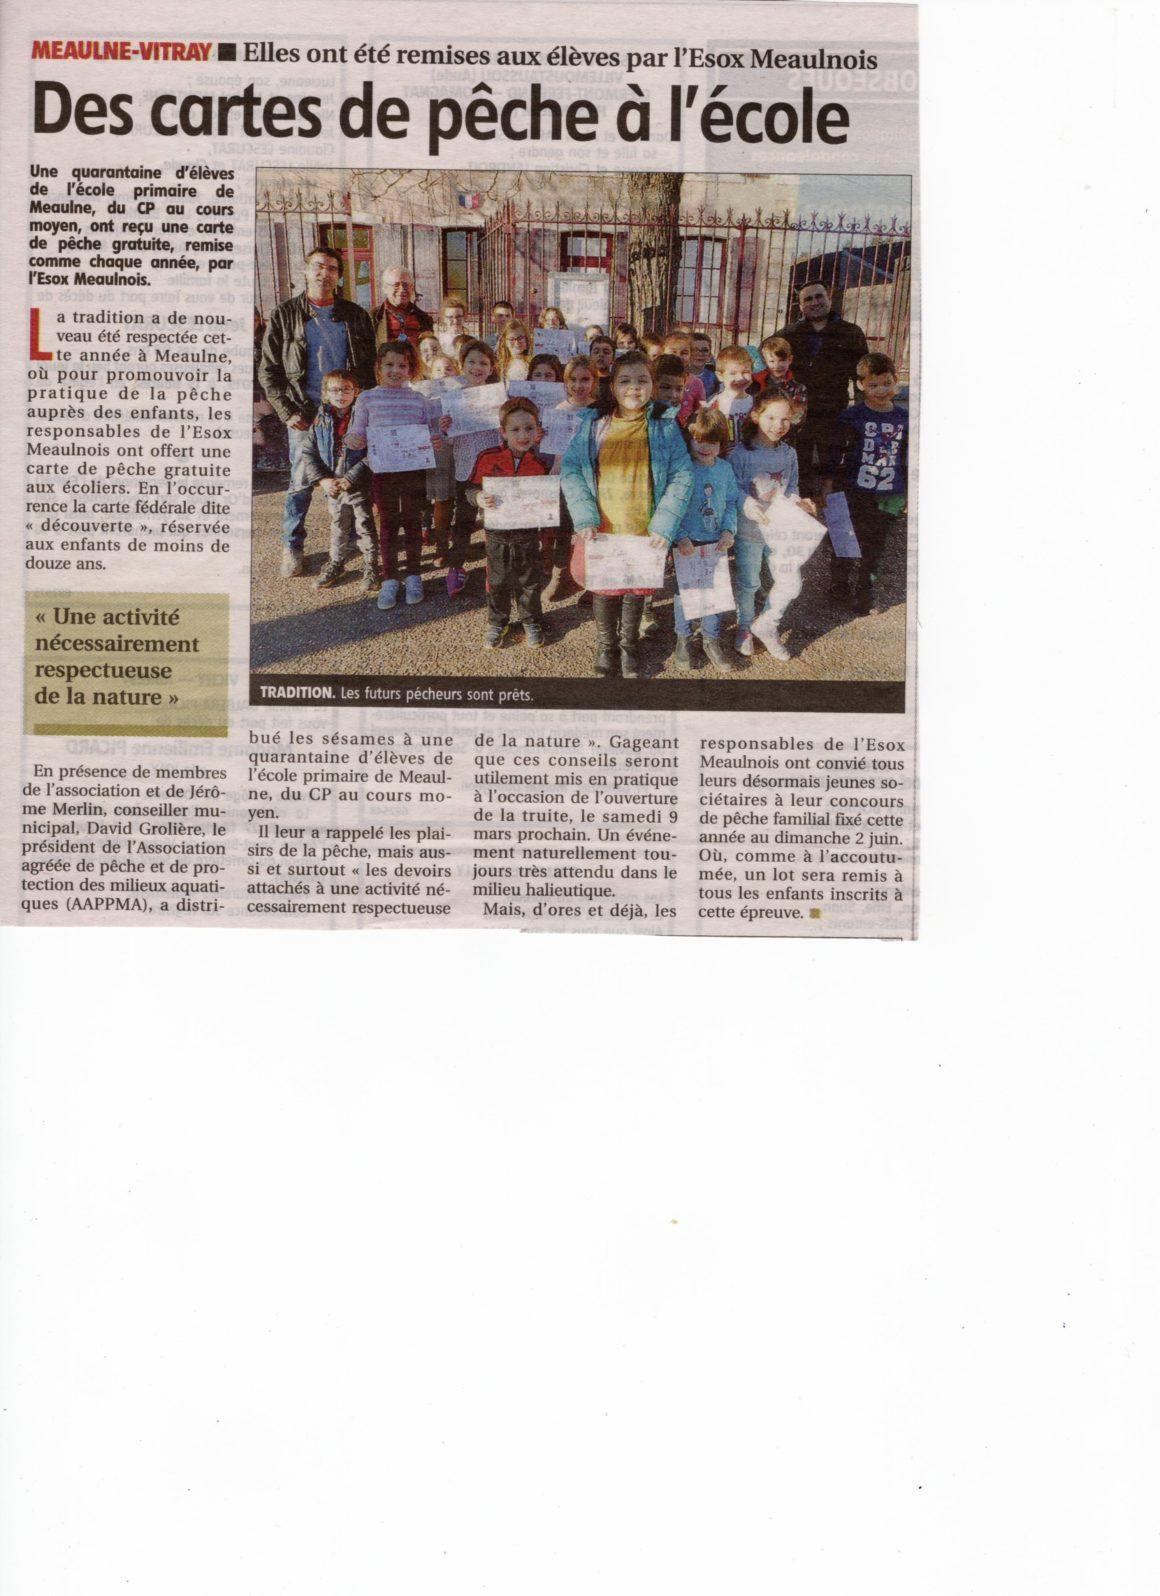 L'AAPPMA de Meaulne offre des cartes de pêche aux enfants de l'école primaire